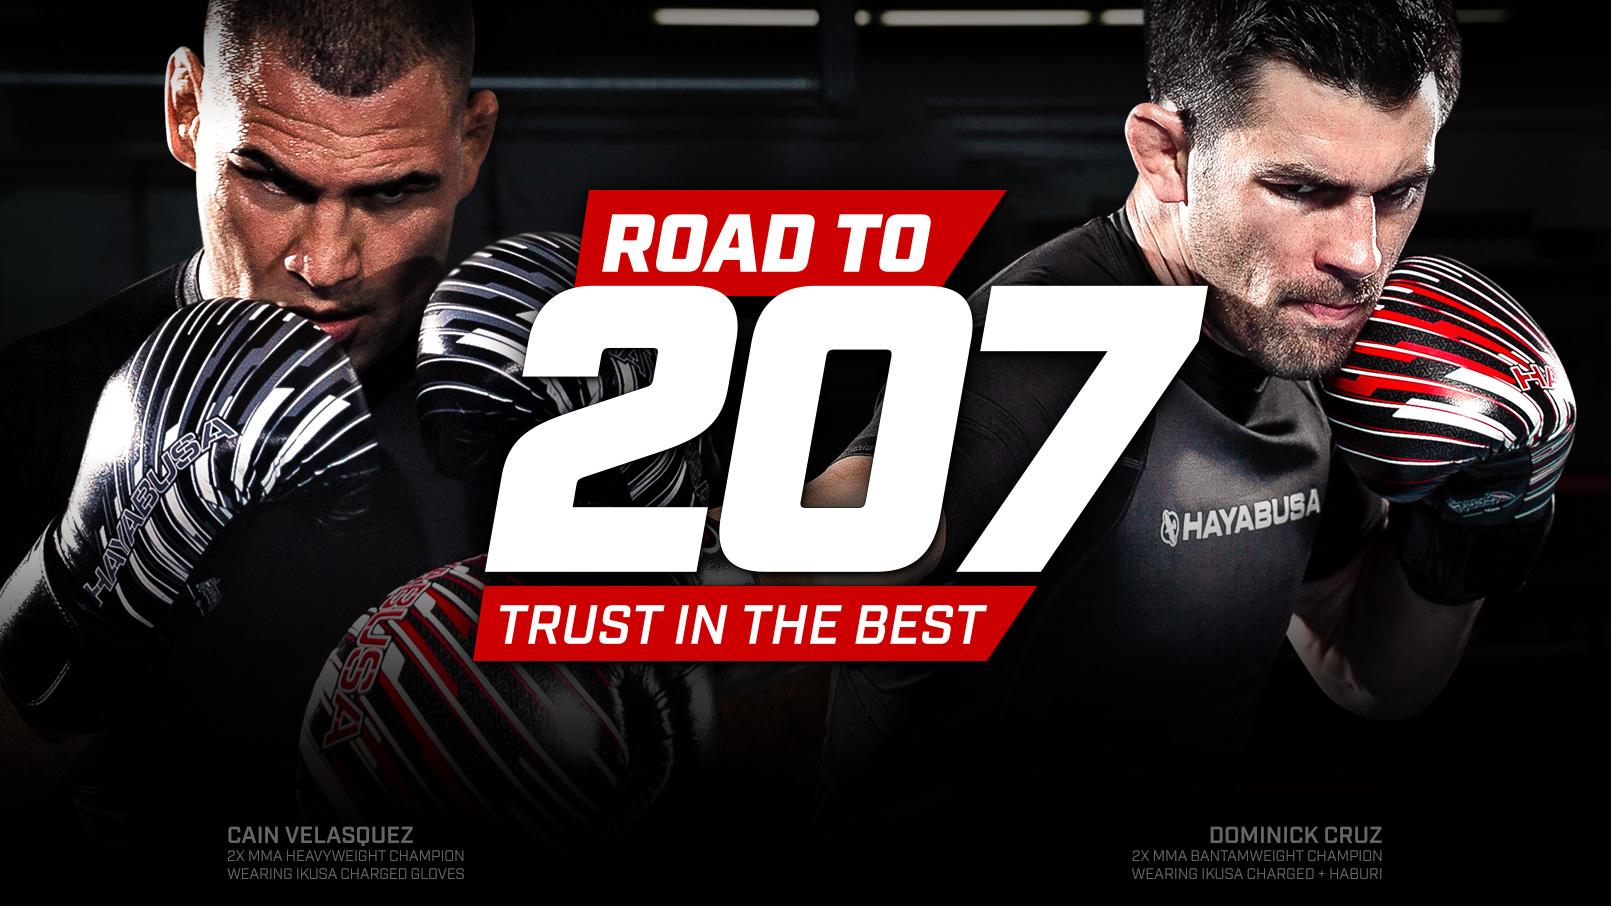 Road207 - Cain Velasquez and Dominick Cruz